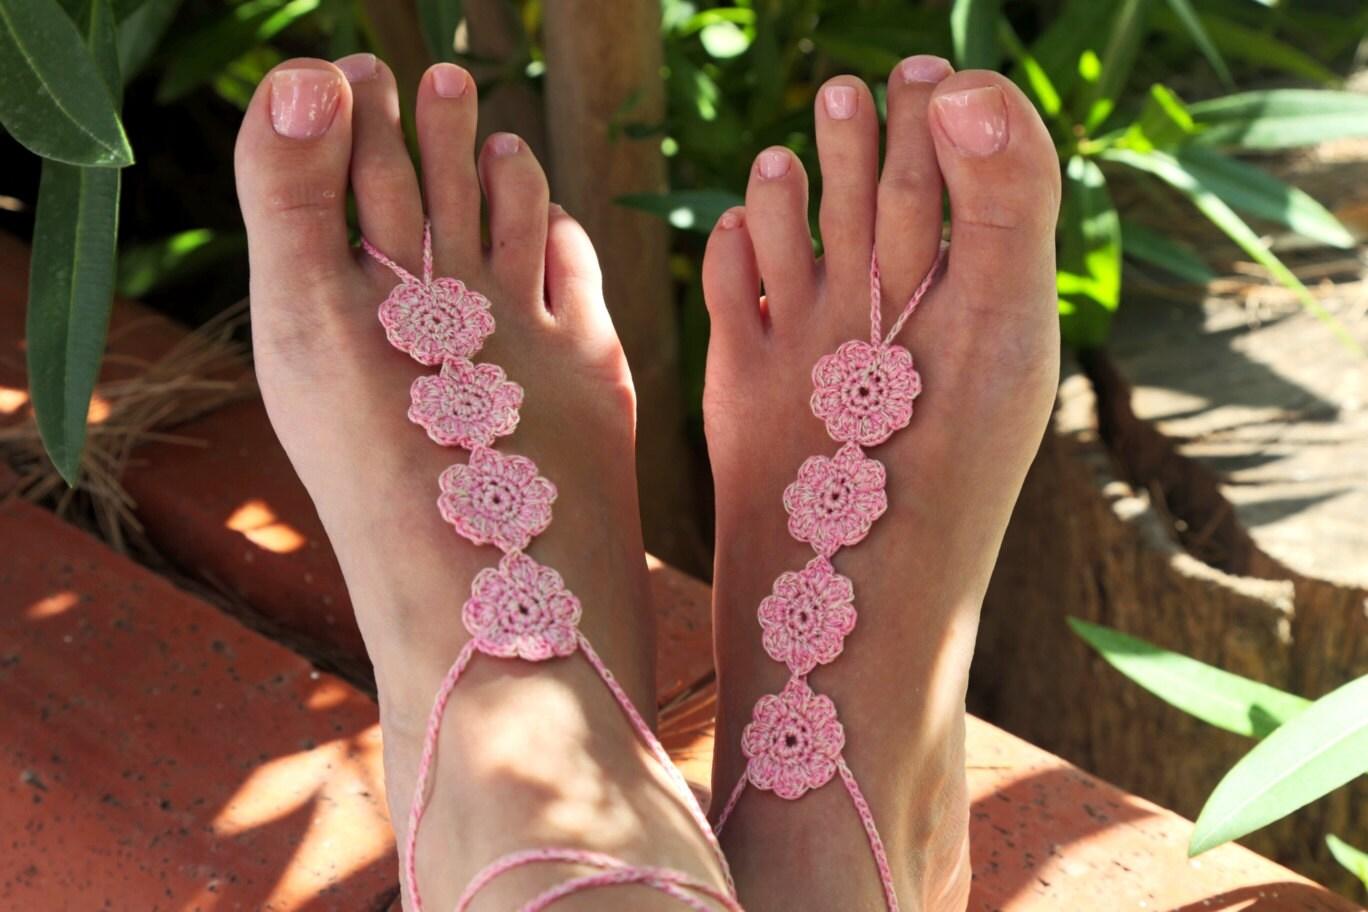 Blumige barfuss Sandalen barfuß Sandalen Strand-Zubehör